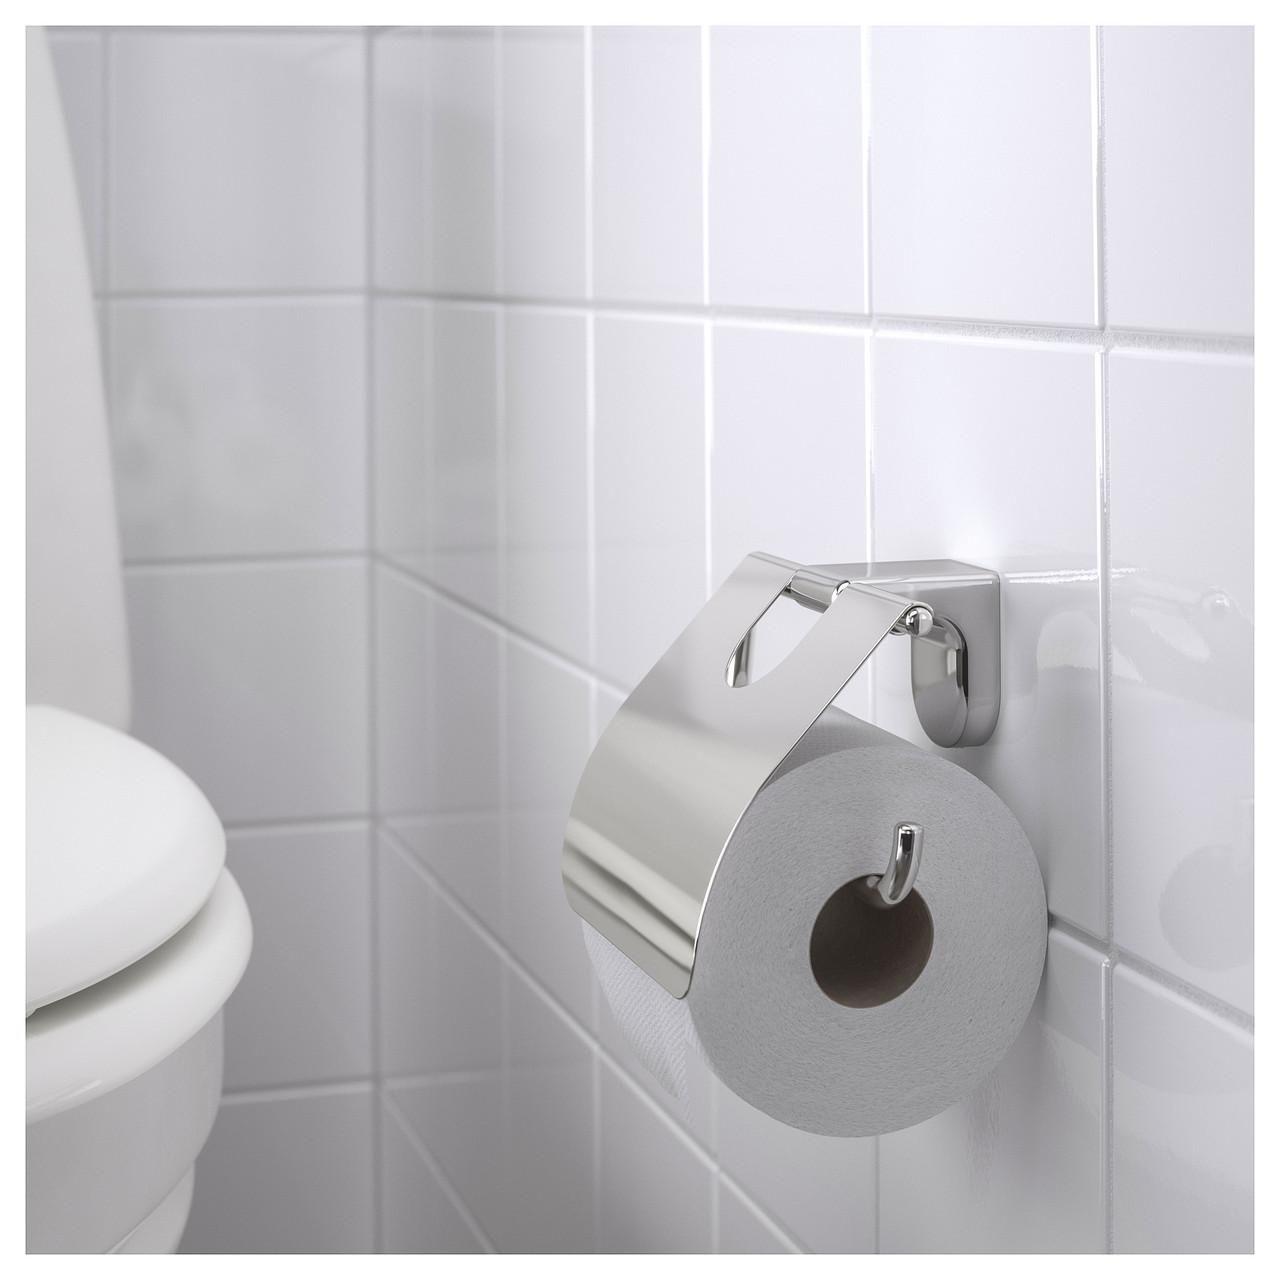 Держатель для туалетной бумаги KALKGRUND